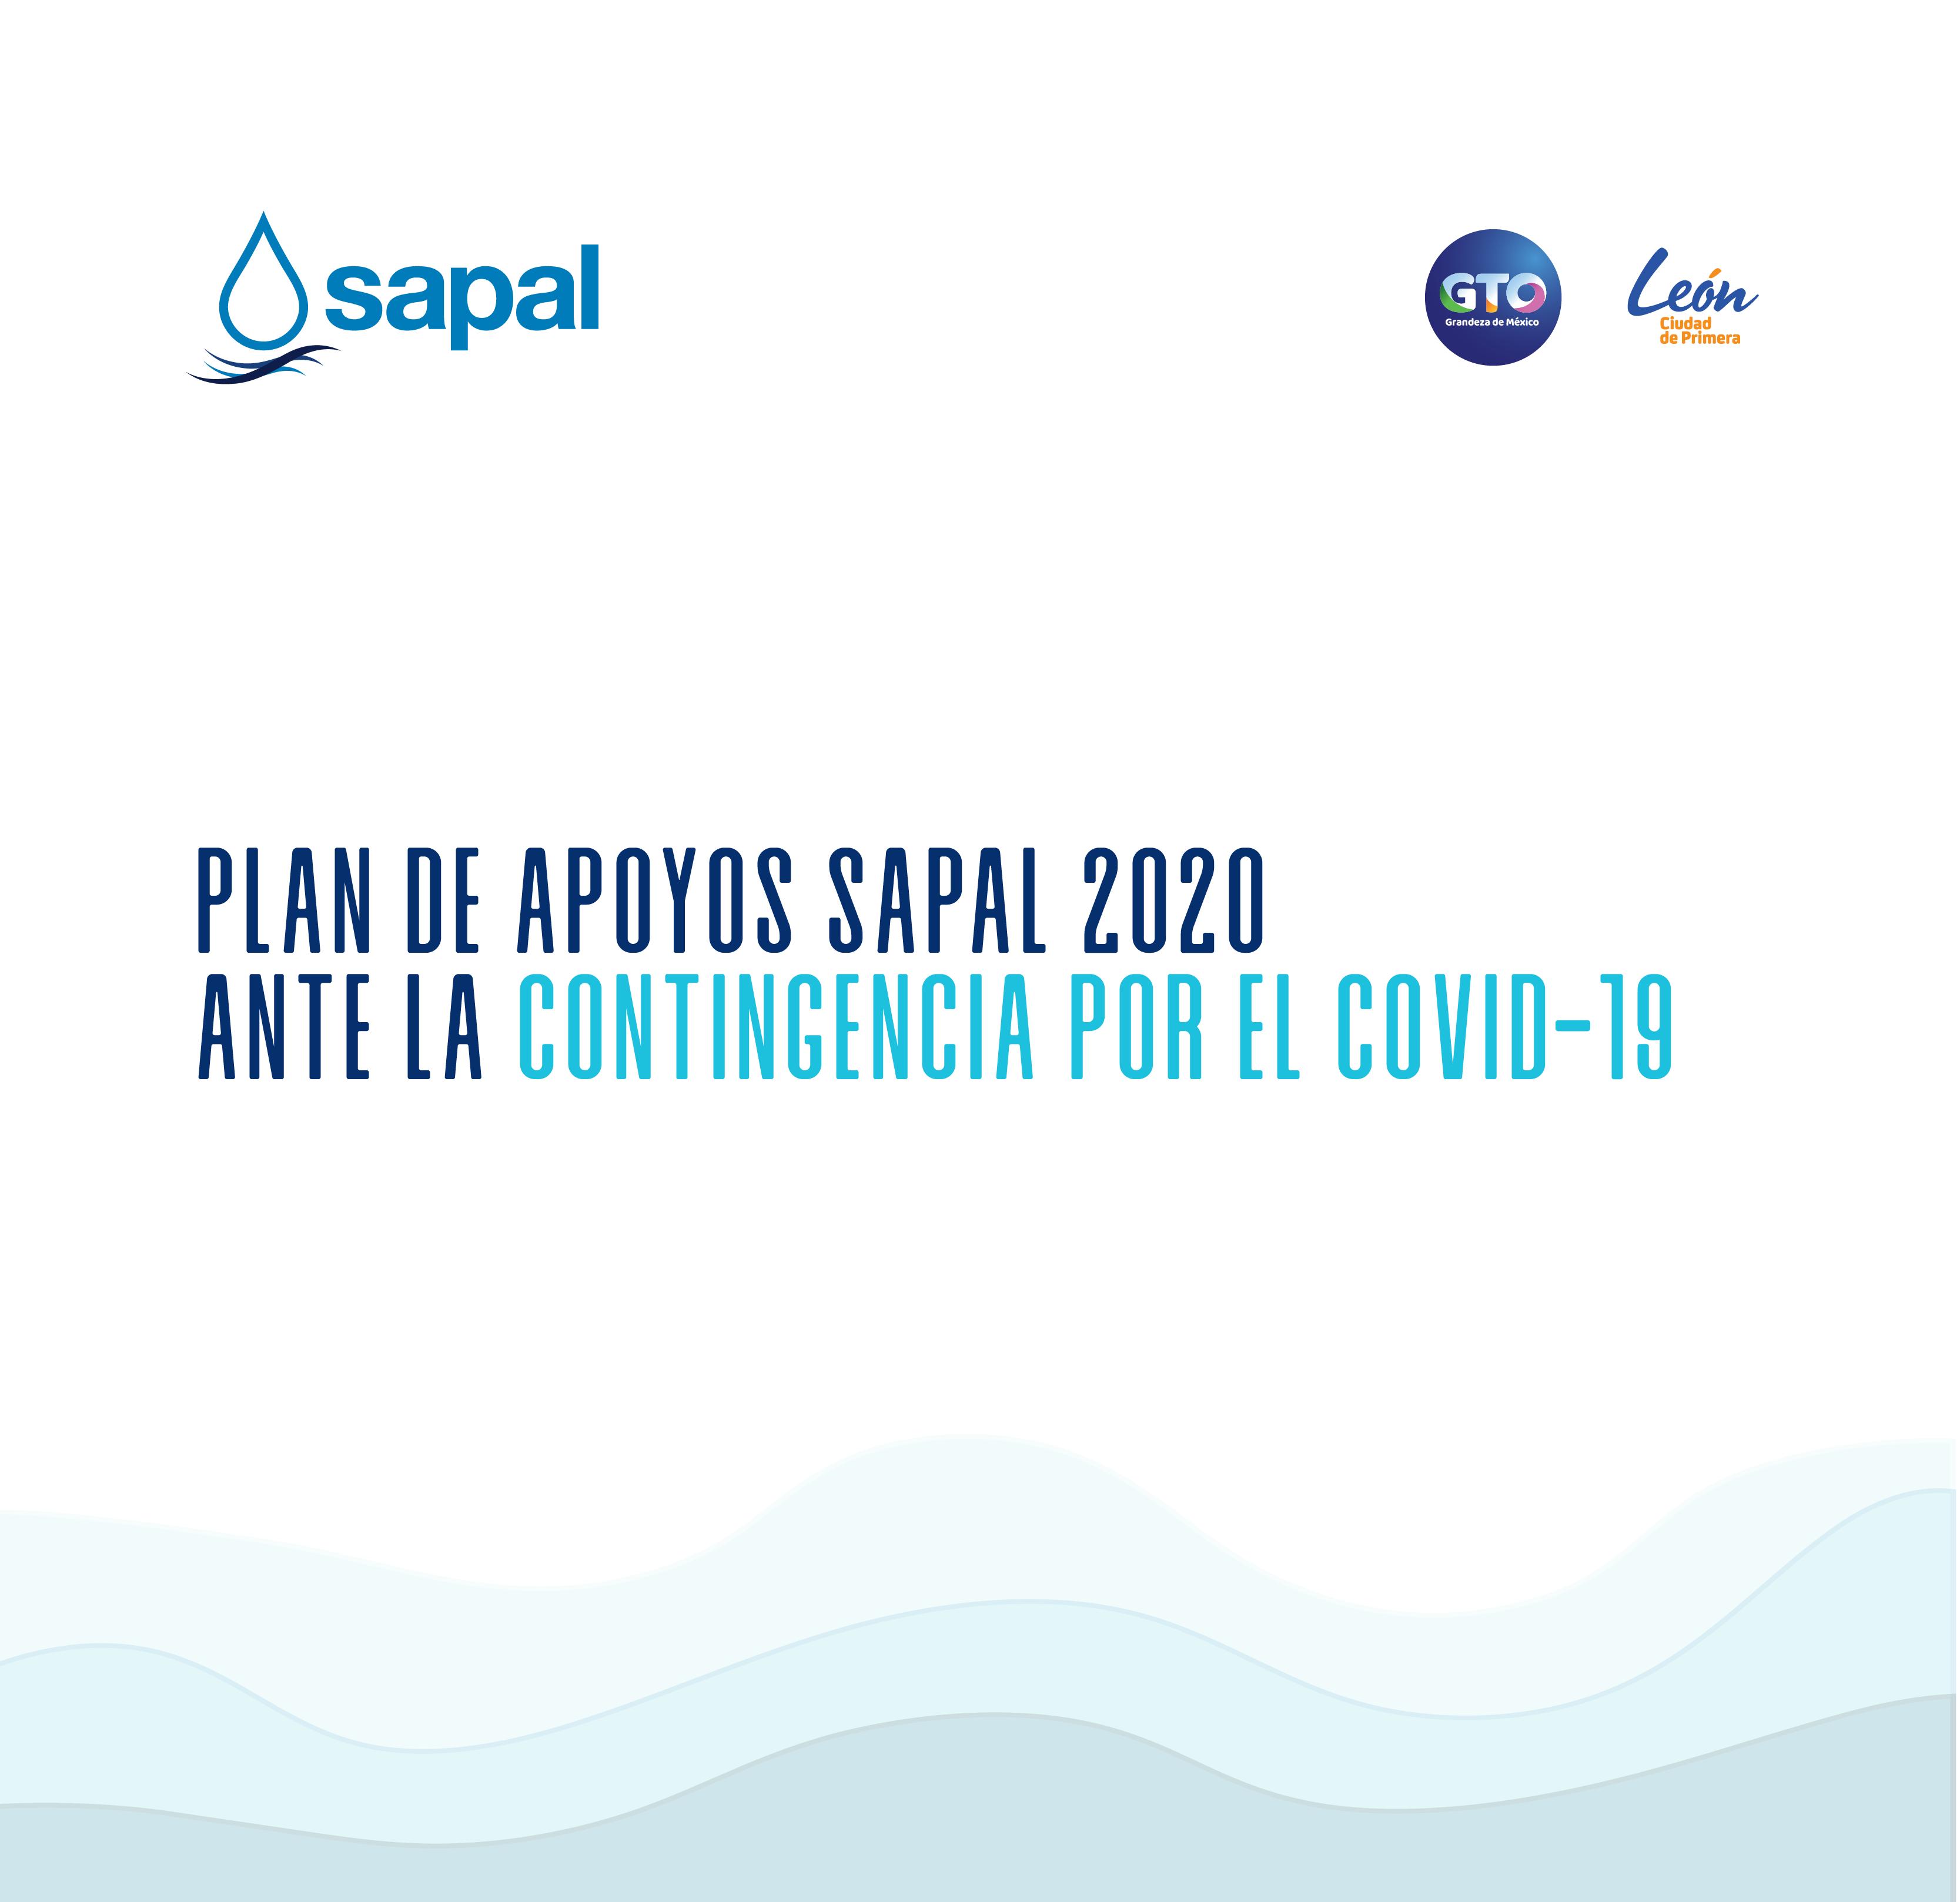 Plan de Apoyos Sapal 2020  ante la contingencia por el Covid-19